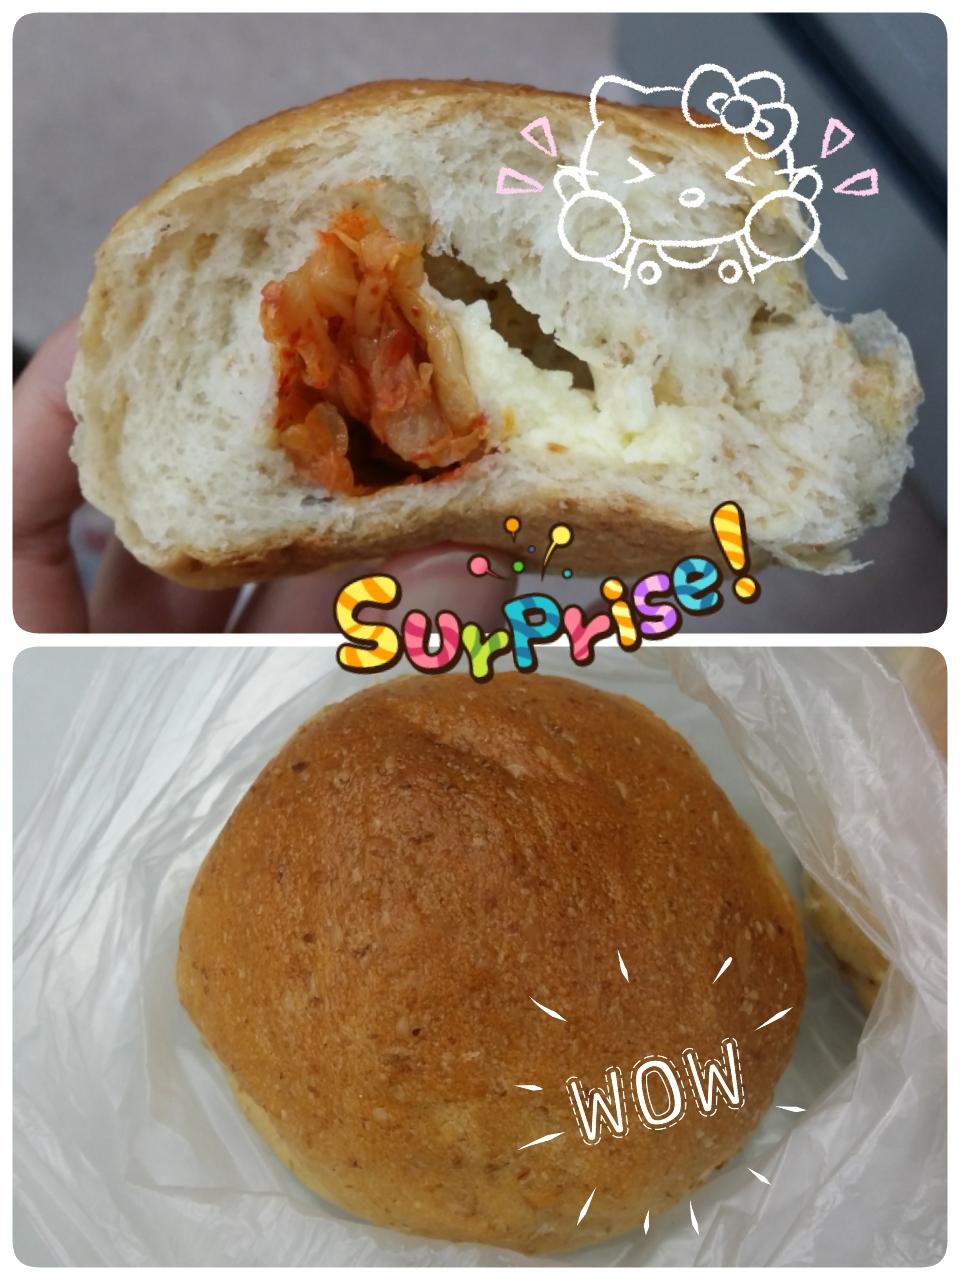 台北好吃麵包推薦 ▎山益蛋糕 @ 信義區吳興街 @ ▌Meiko 愛敗家。甜點。旅行~▌ :: 痞客邦